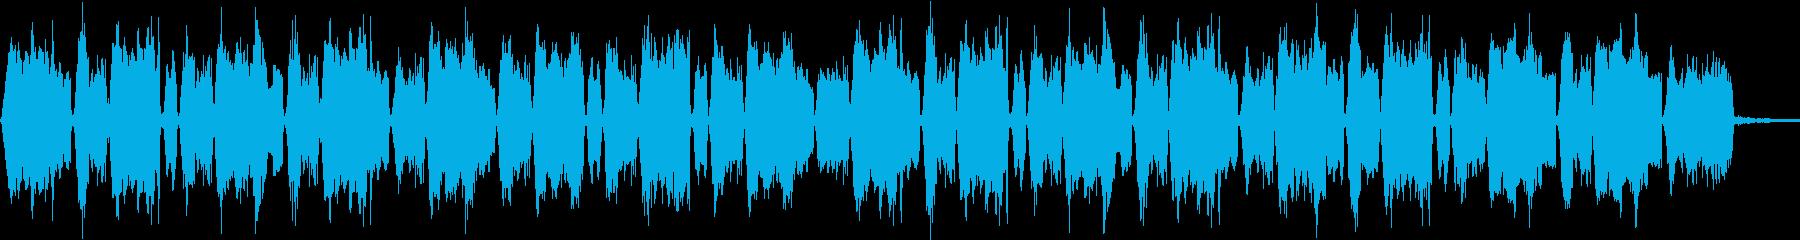 陽気なアコーディオンのワルツ,シングルの再生済みの波形